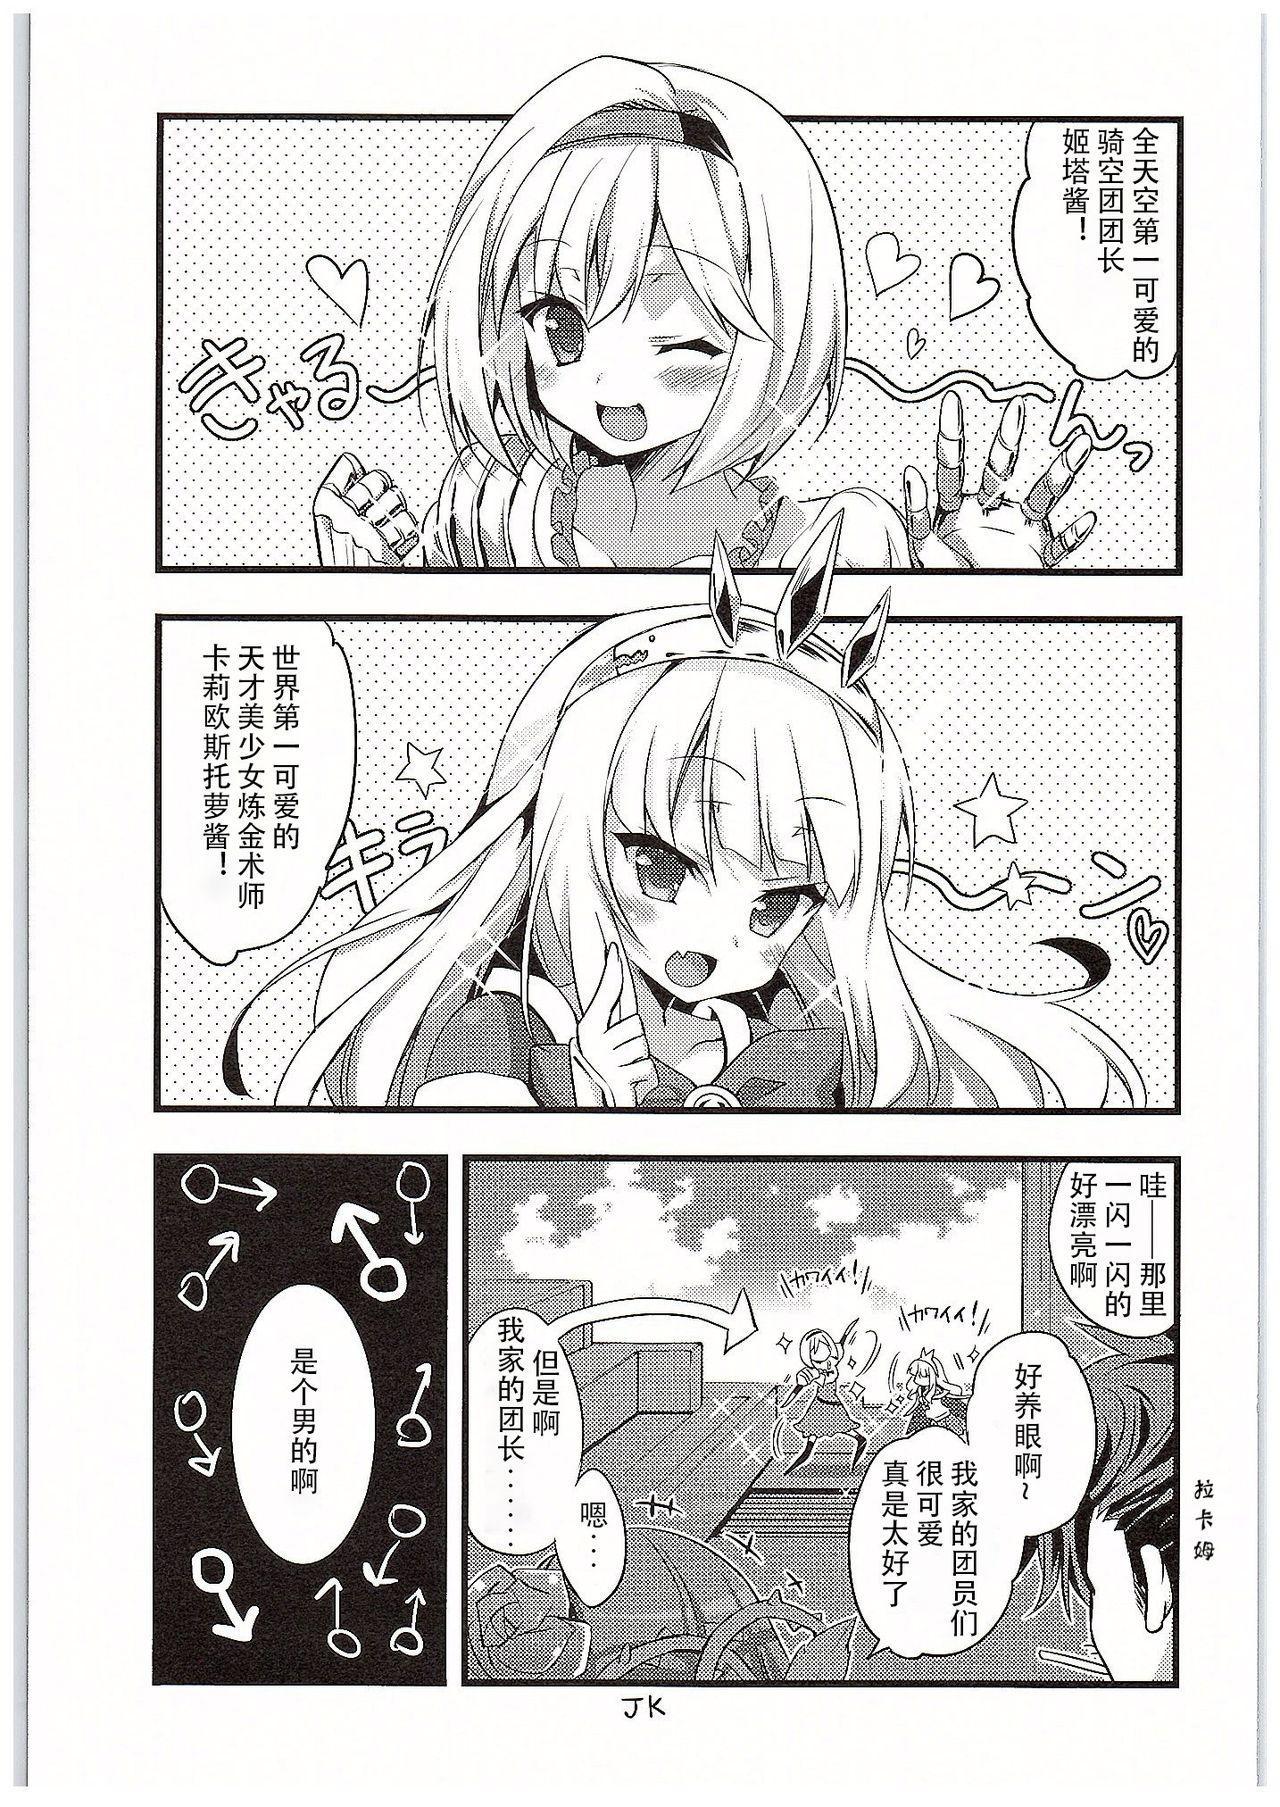 Cagliostro-chan to Ii koto suru Hon   和卡莉欧斯托萝酱一起干好事的本子 4